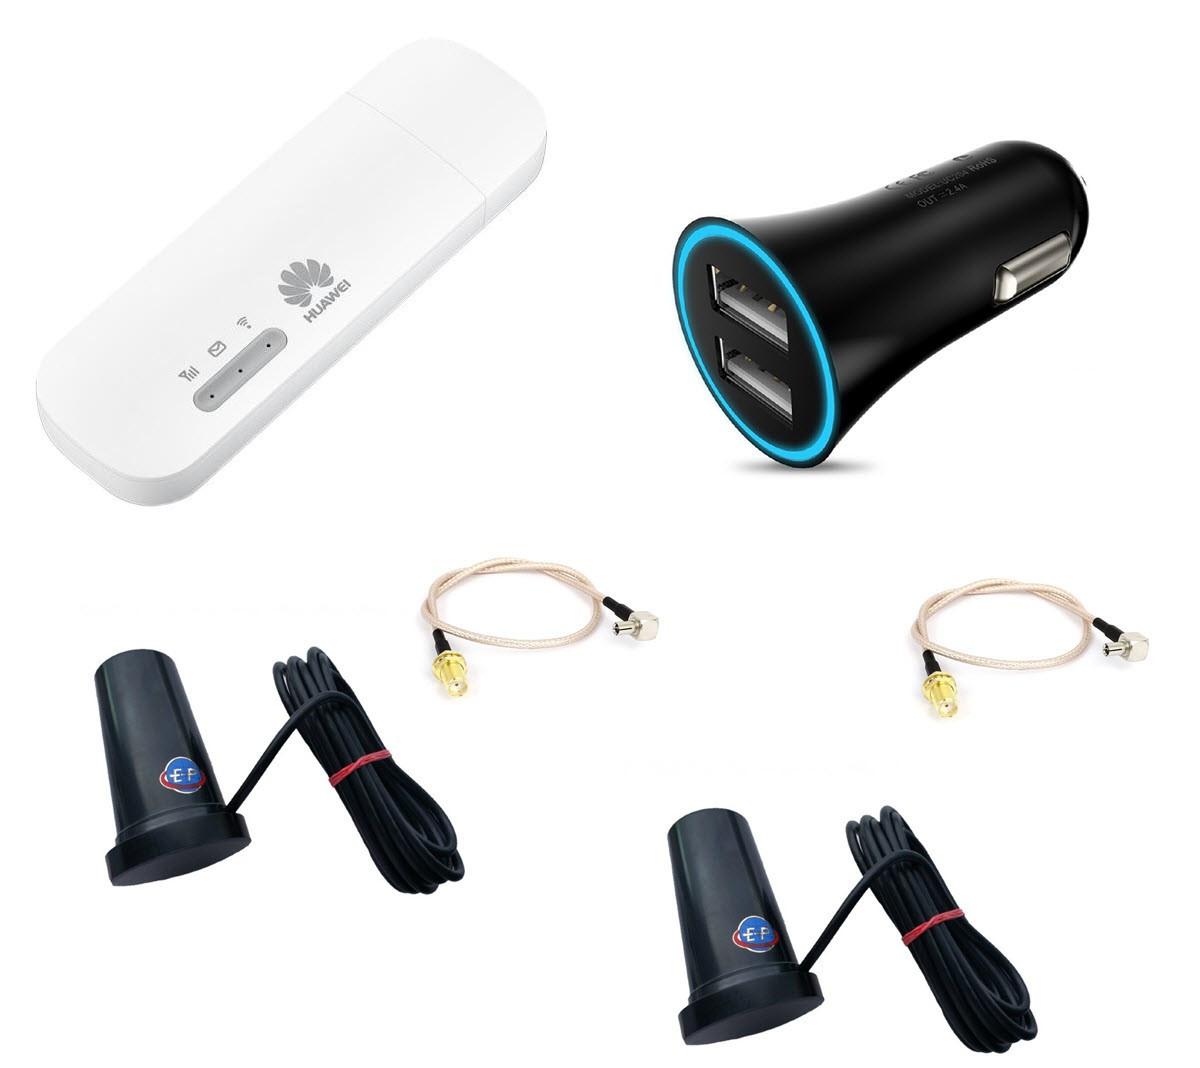 Автомобильный MIMO комплект беспроводного LTE интернета